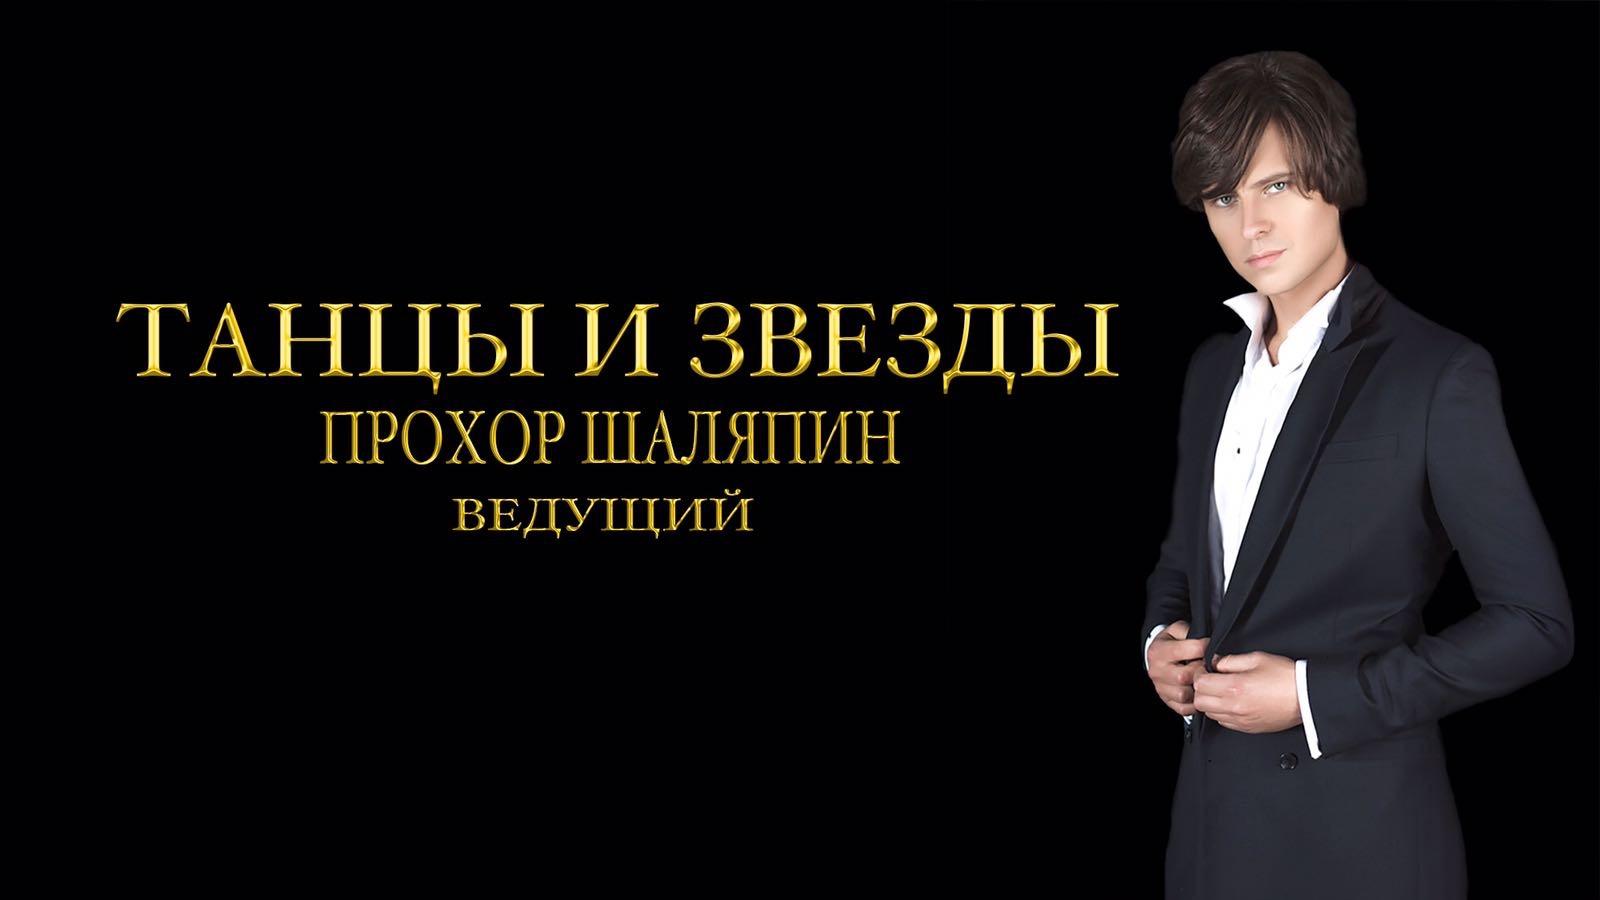 Прохор Шаляпин